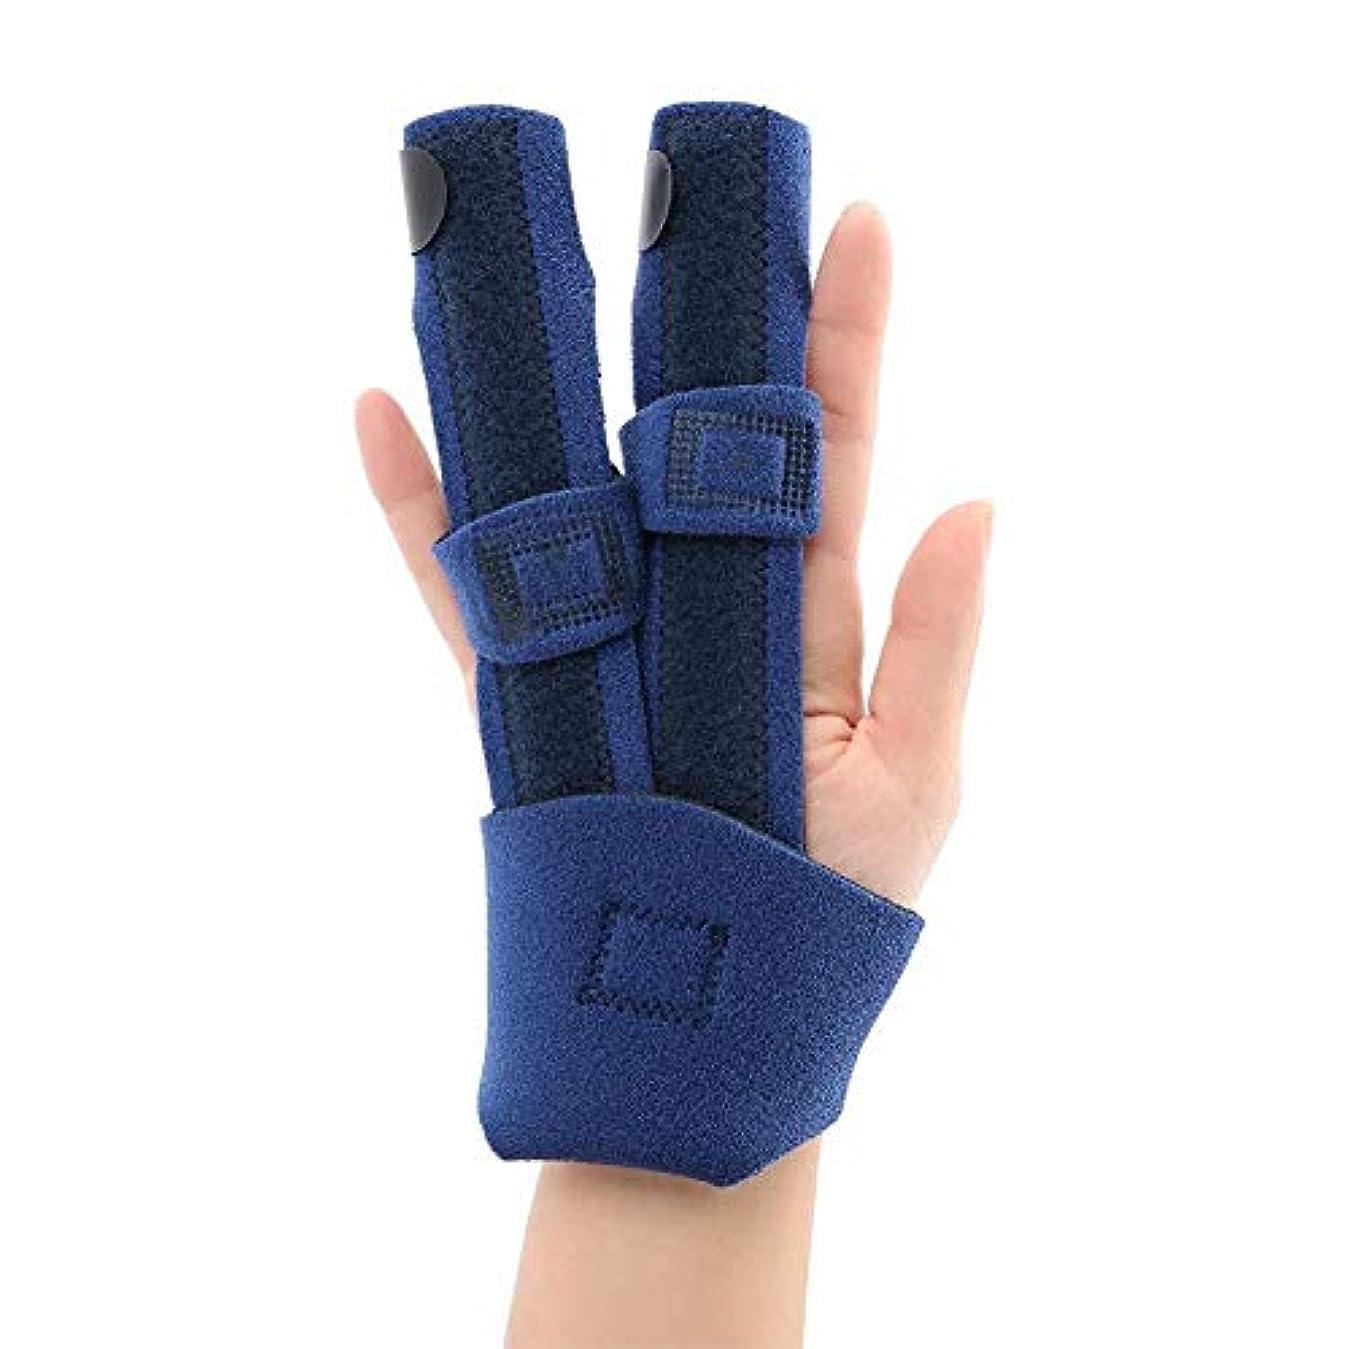 ヘクタールみすぼらしいスキャンダル指の損傷のサポート、スプリント指の調整可能な指のスプリントサポートスタビライザーサポート捻support指のケアツール